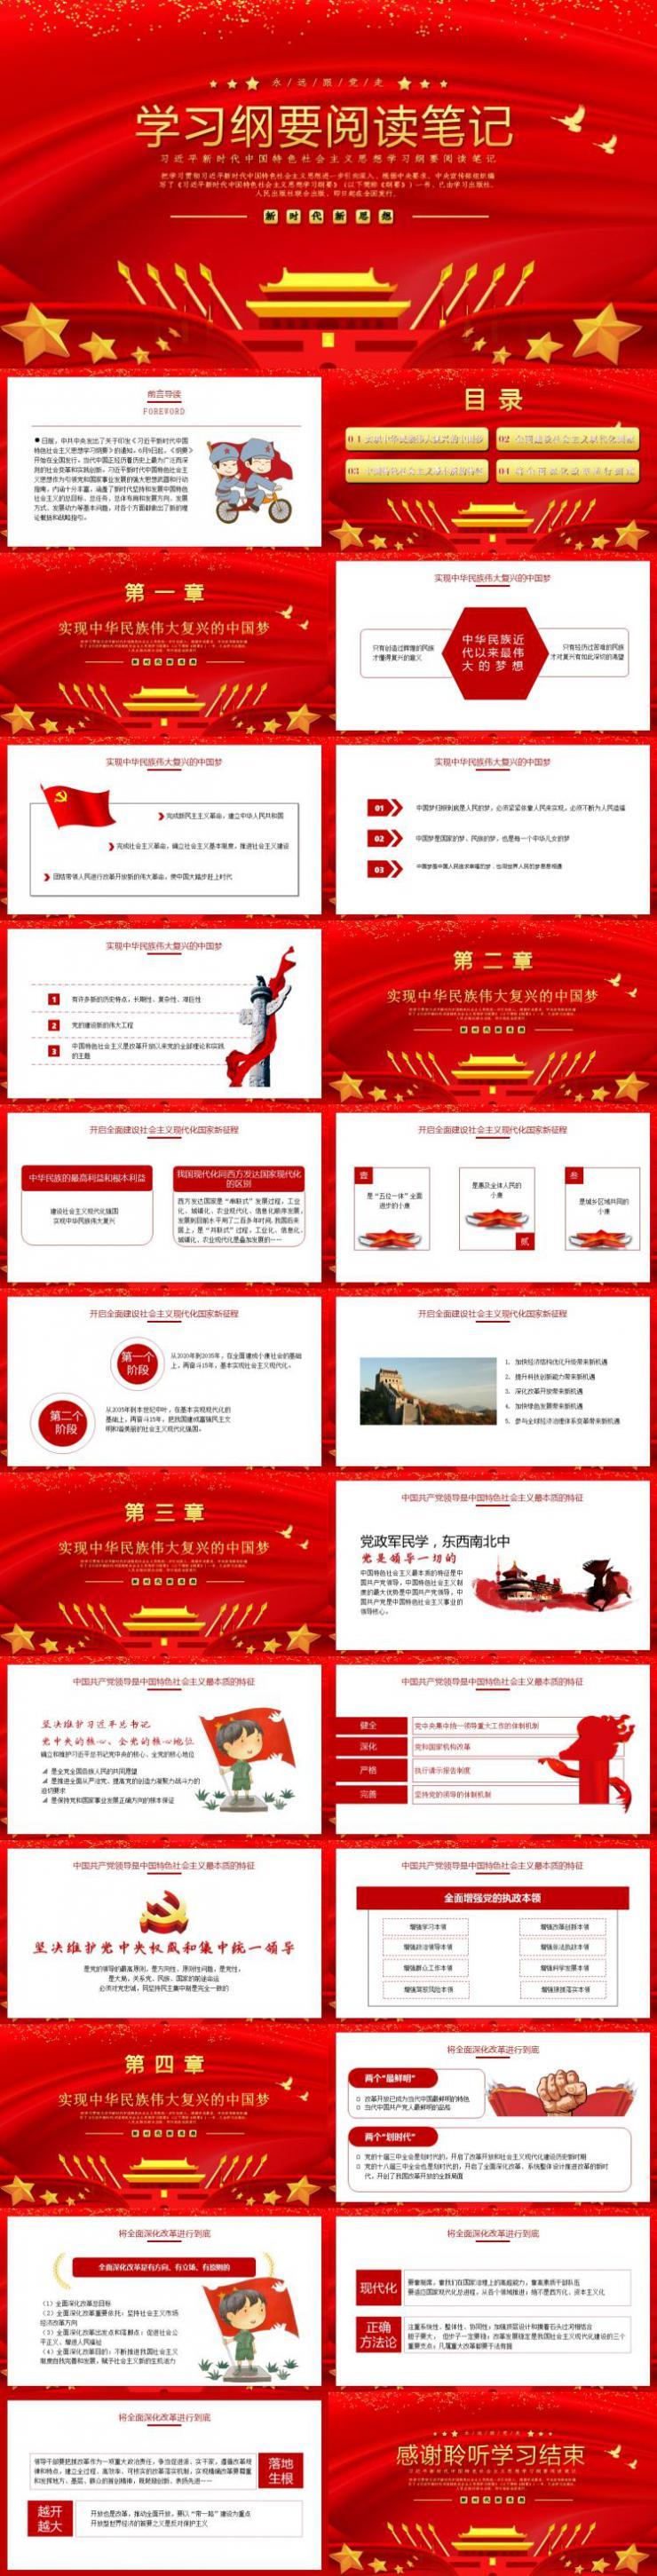 中国特色社会主义思想学习纲要PPT模板